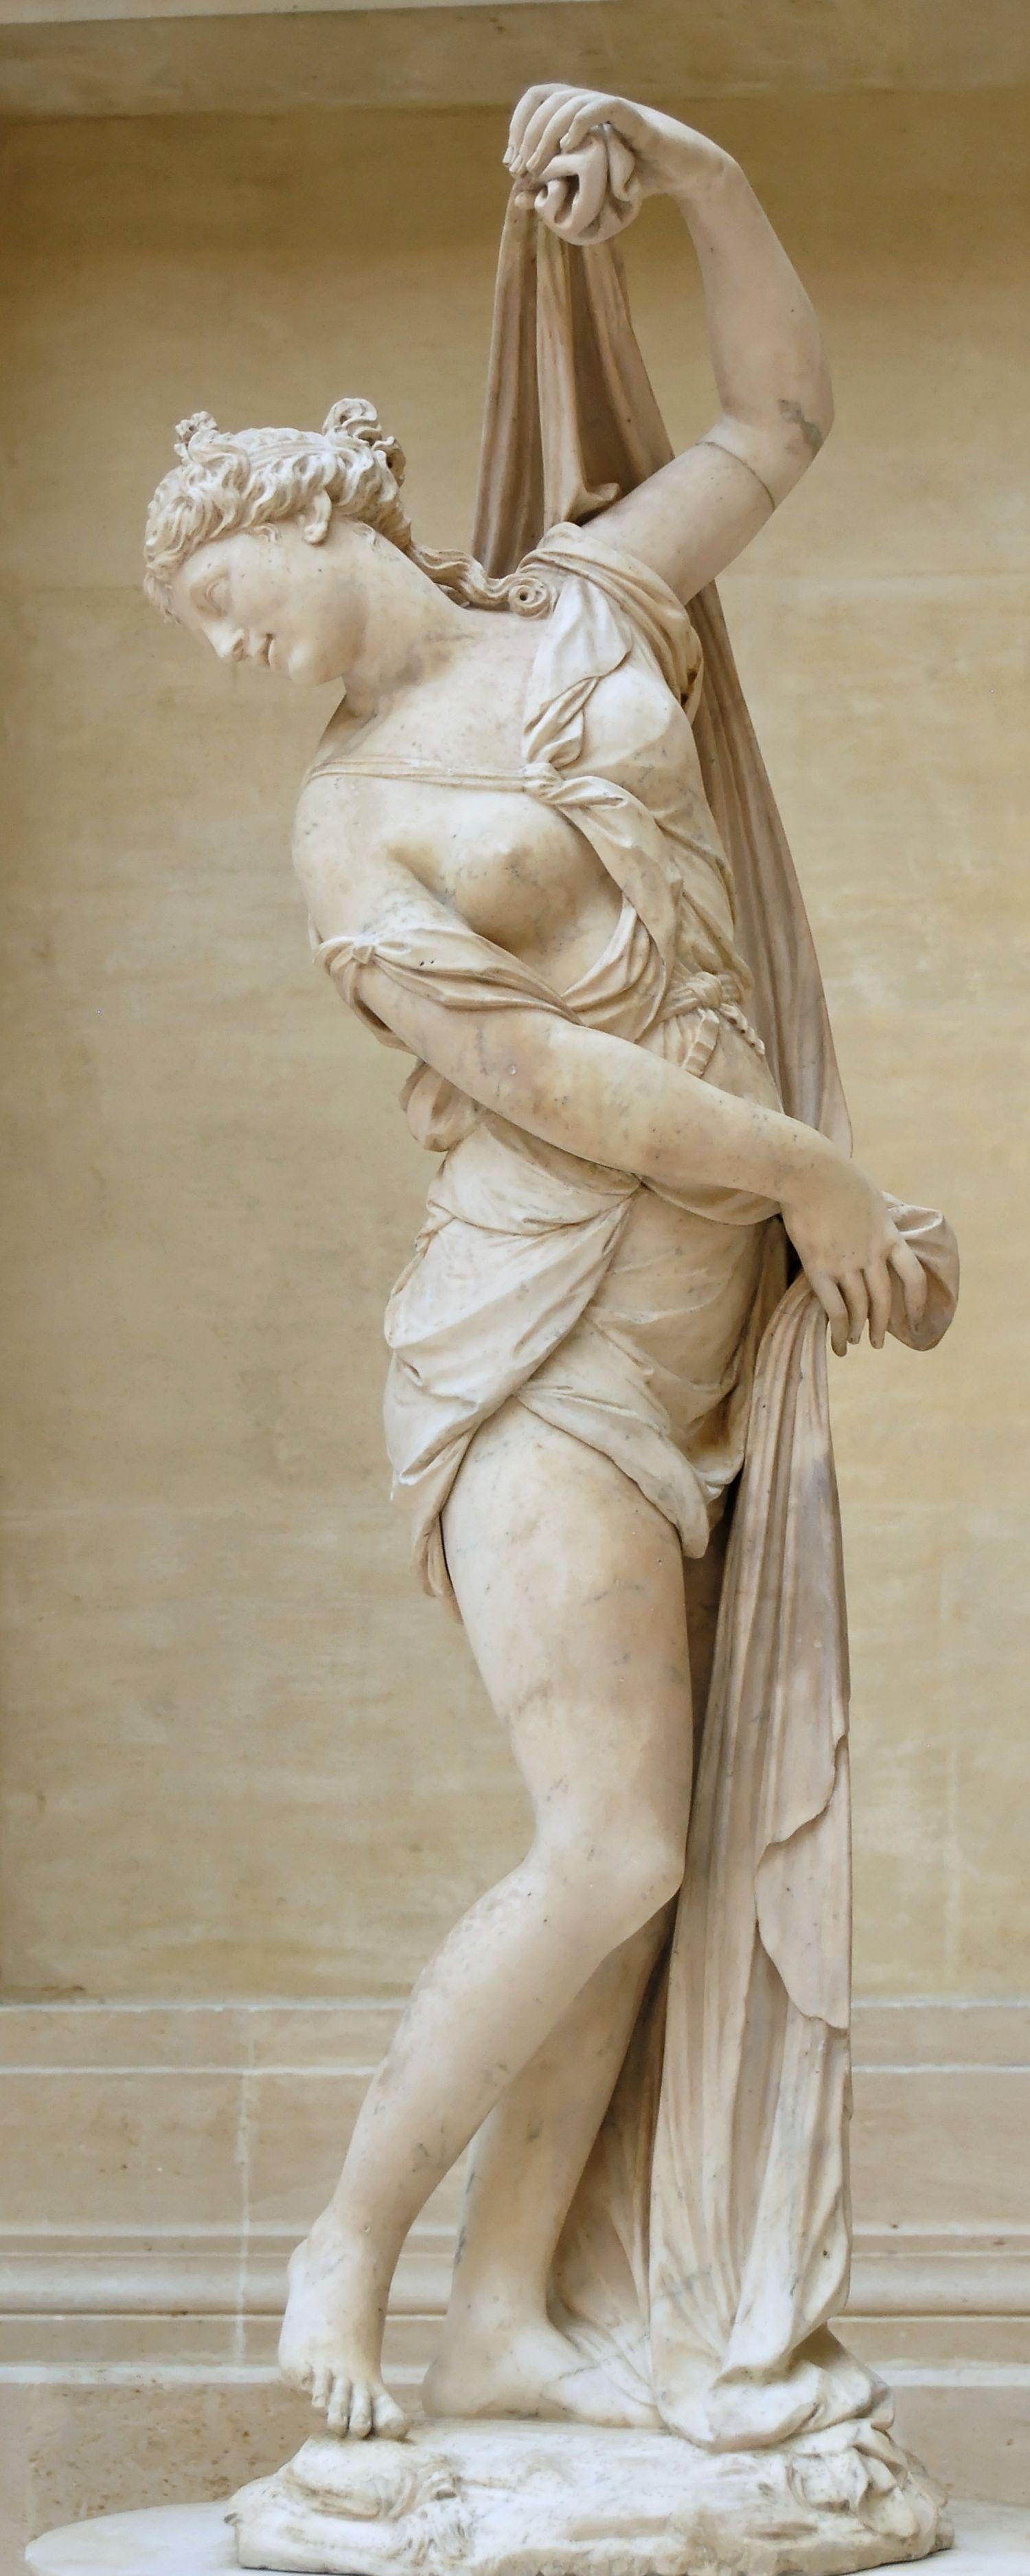 Roman Sculpture Classic Sculpture Sculpture Art